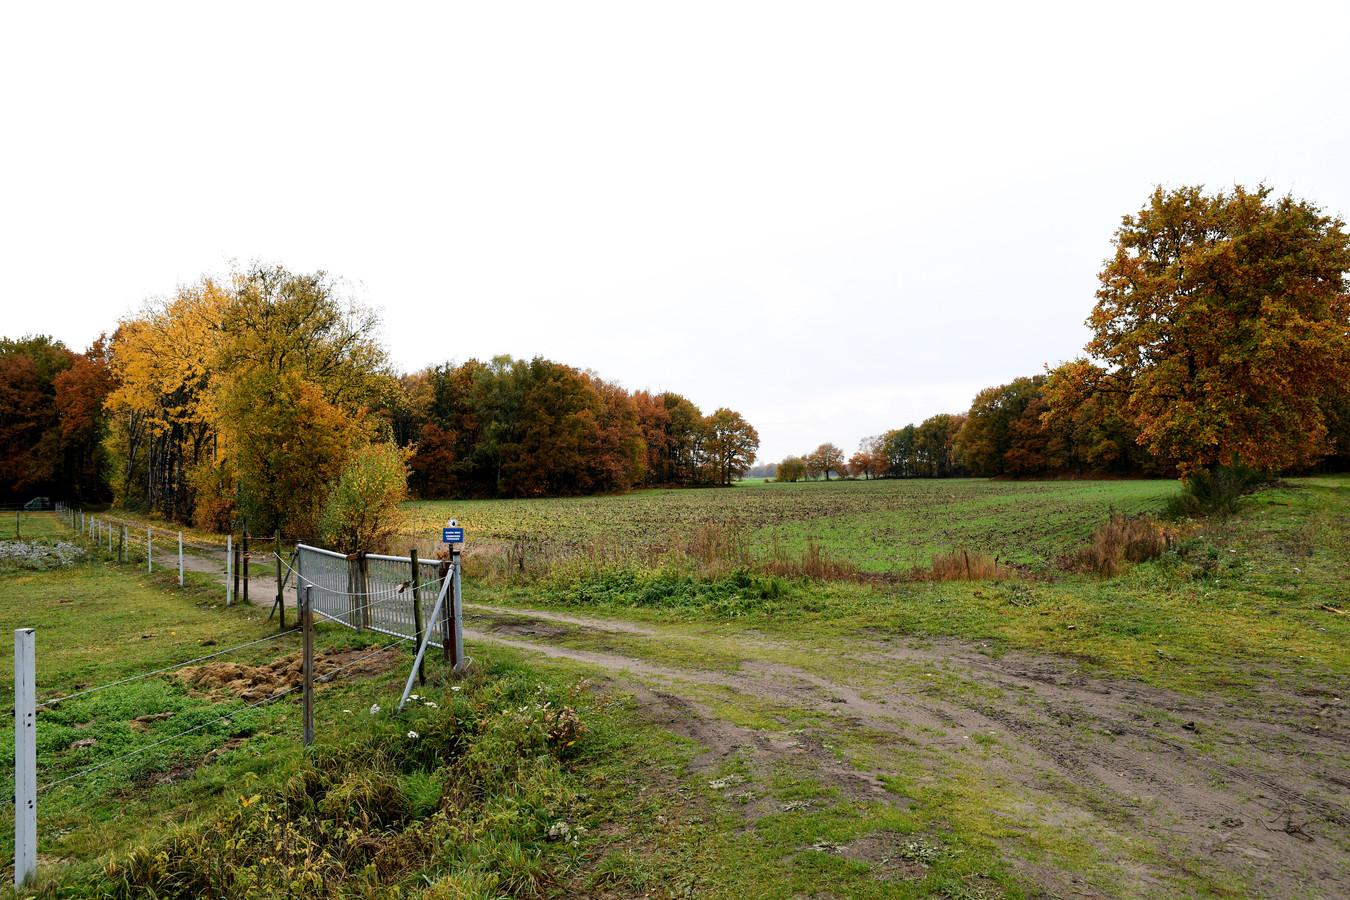 Natuurgebied het Blik richting Oosterhout, Everdenberg.